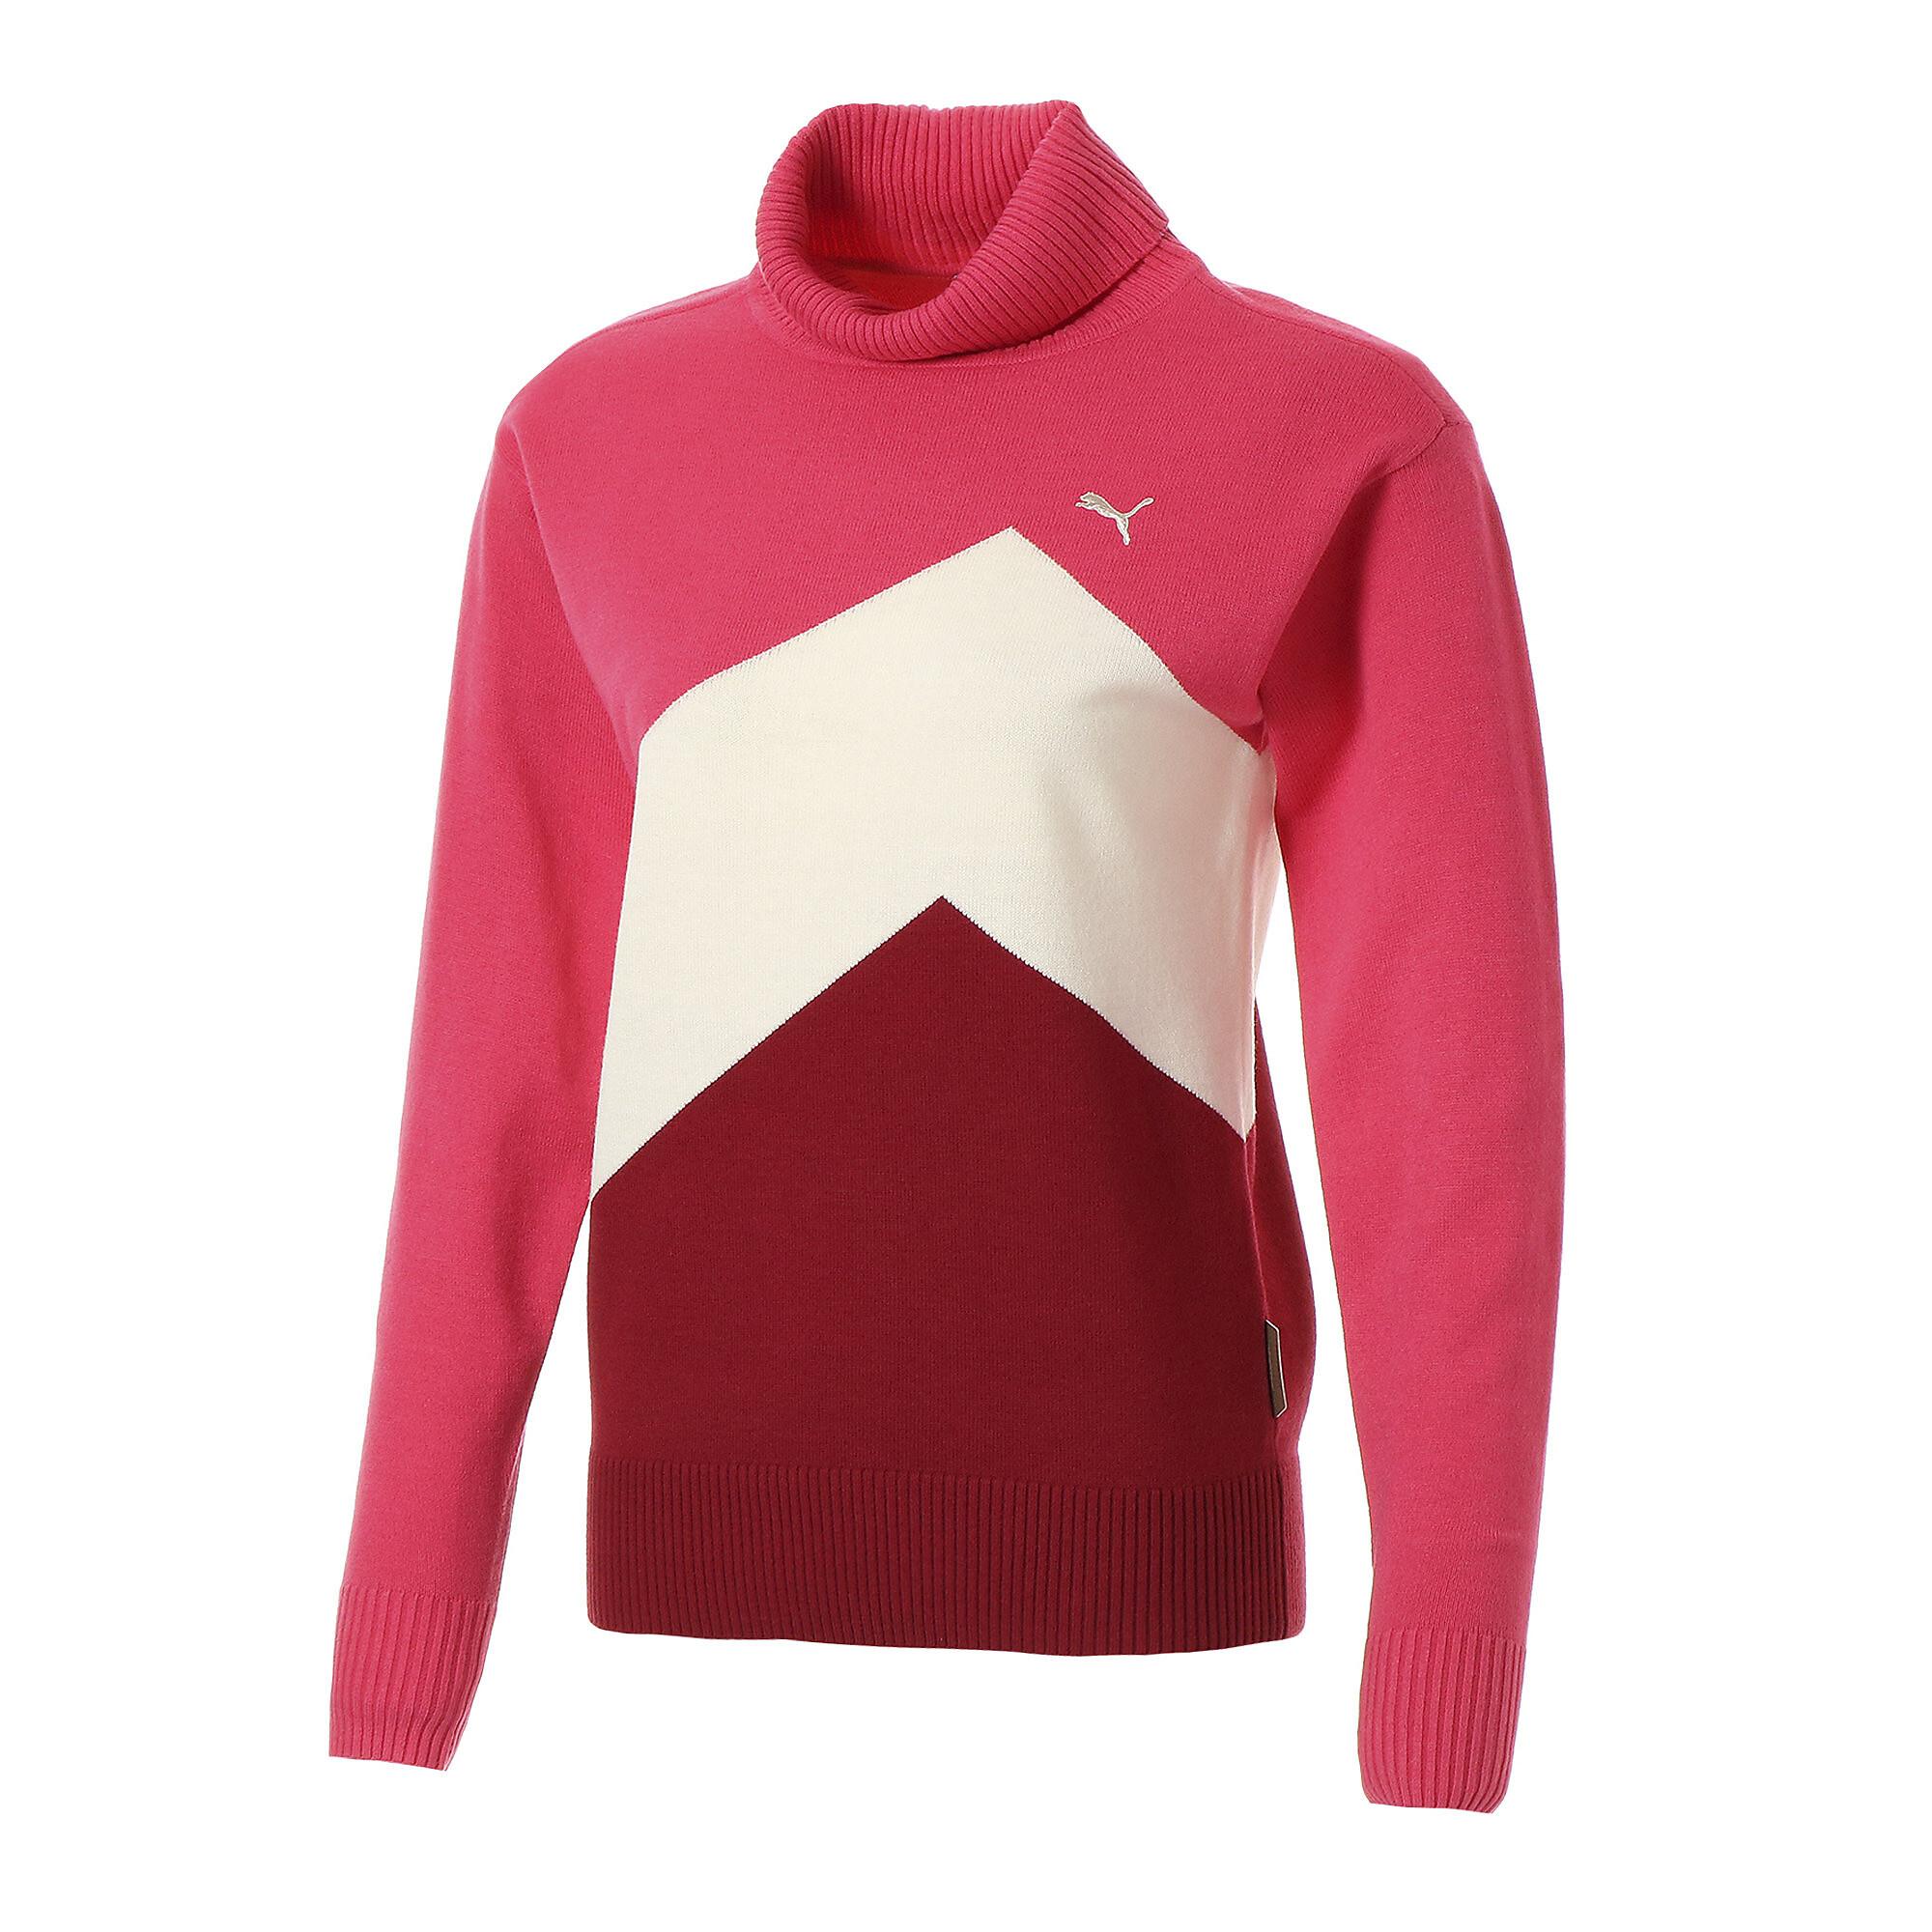 プーマ ゴルフ ウィメンズ カラー ブロック セーター ウィメンズ Azalea |PUMA.com